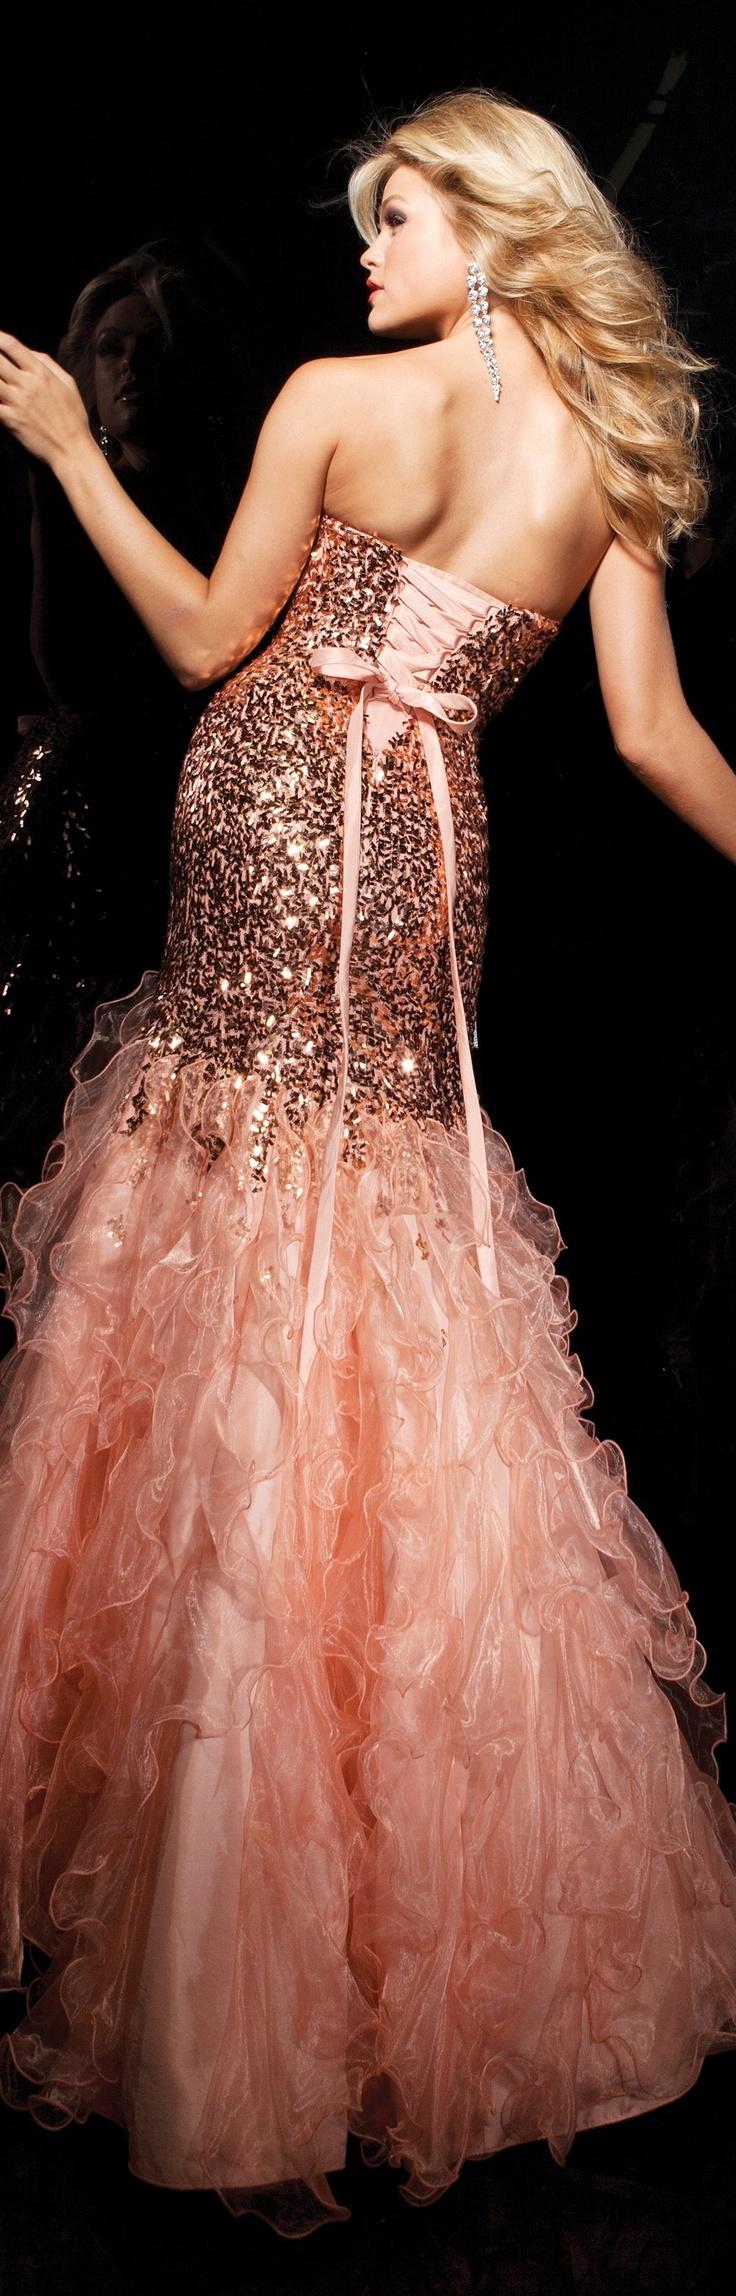 best dresses images on pinterest long prom dresses xv dresses